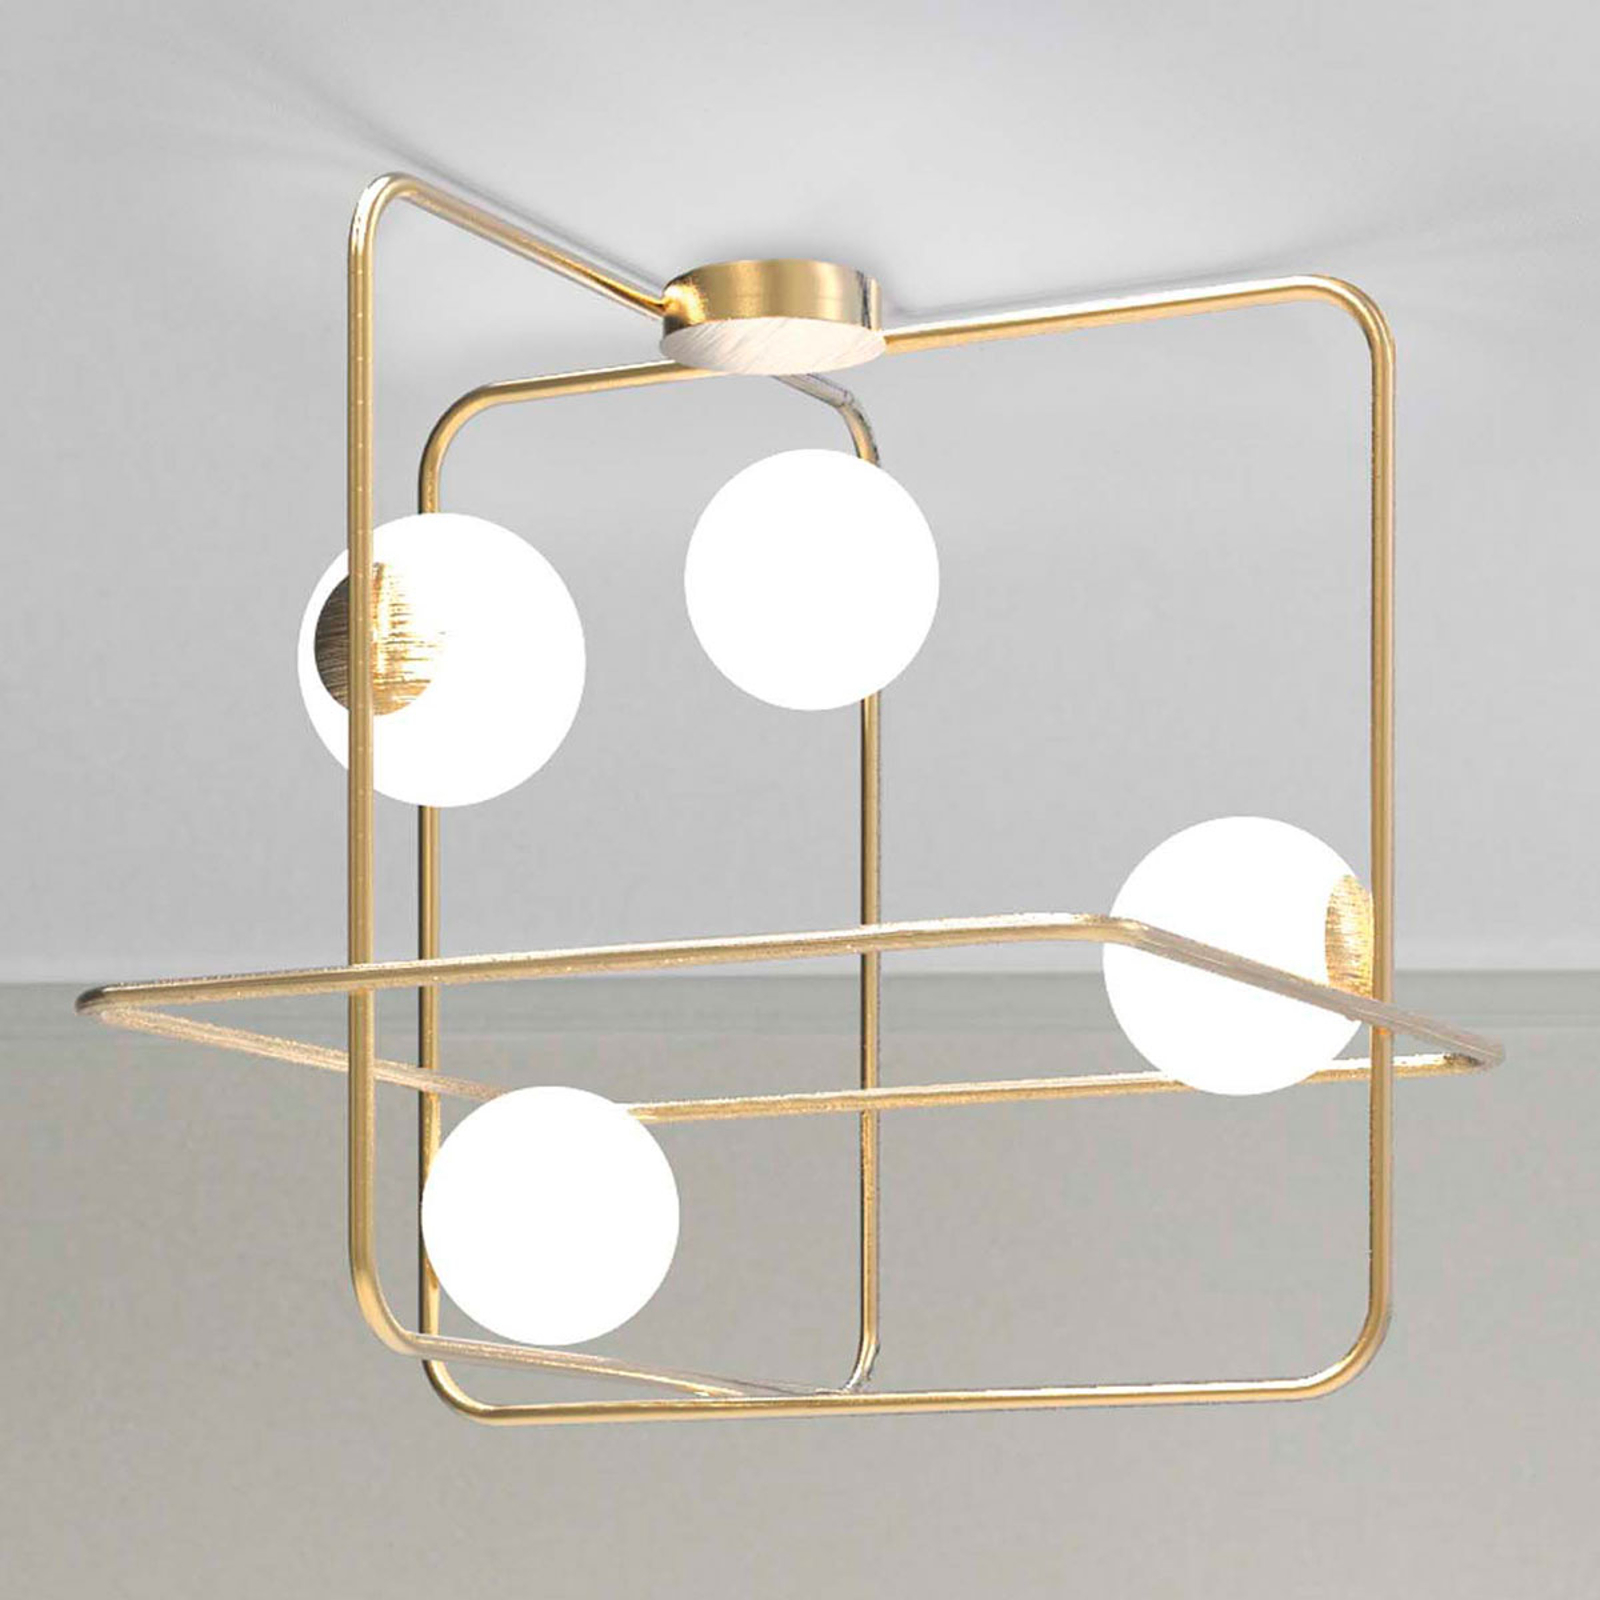 Lampa sufitowa Intrigo kwadratowa satyna złota